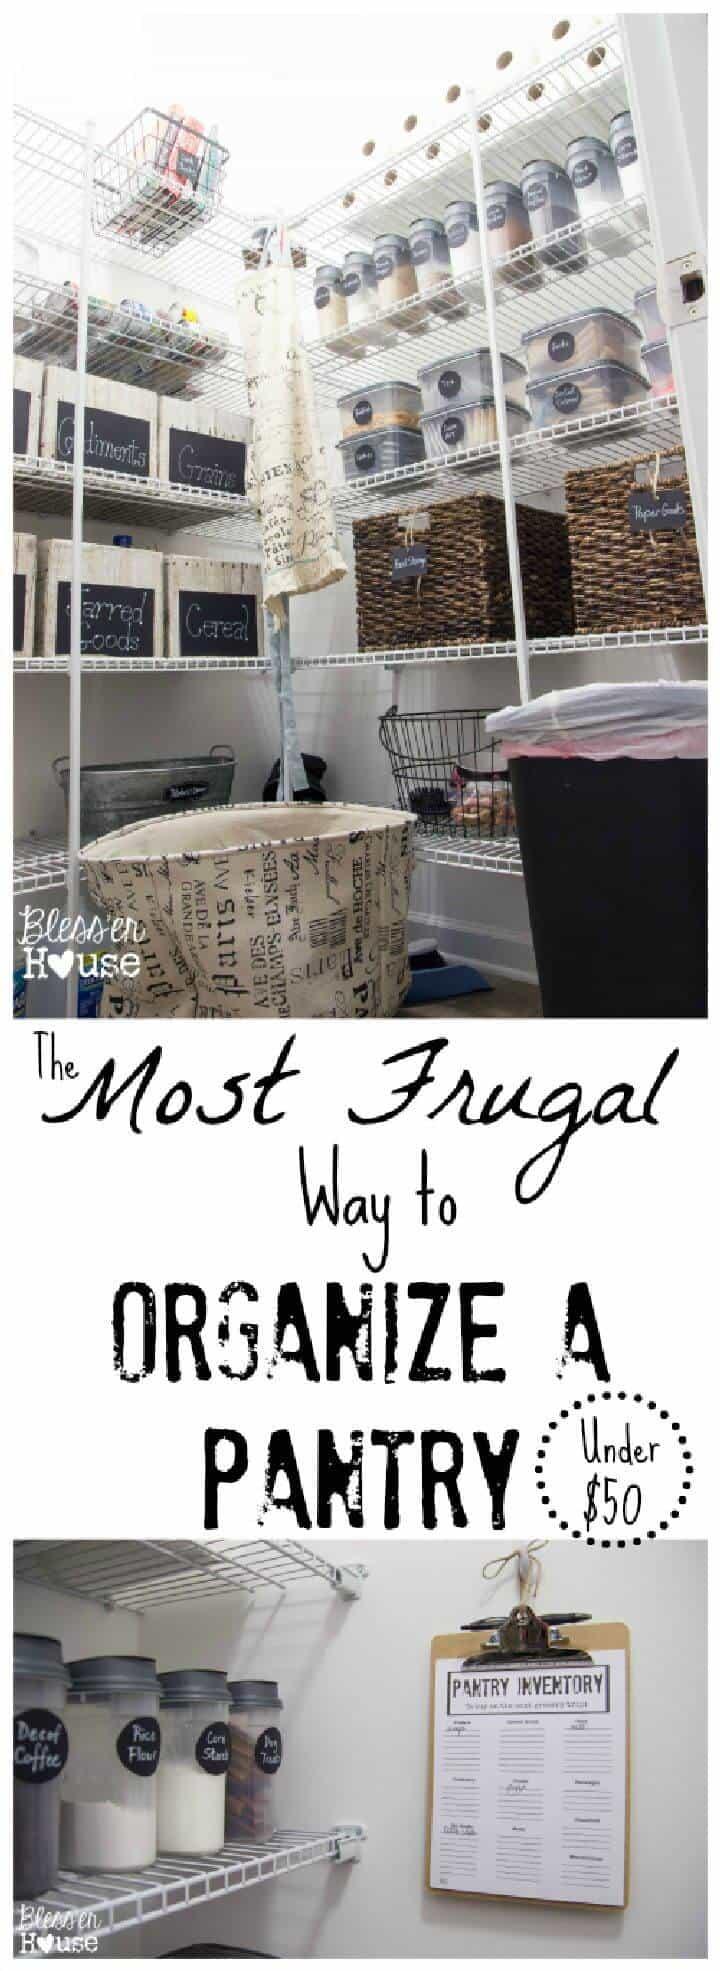 La forma más frugal de organizar una despensa